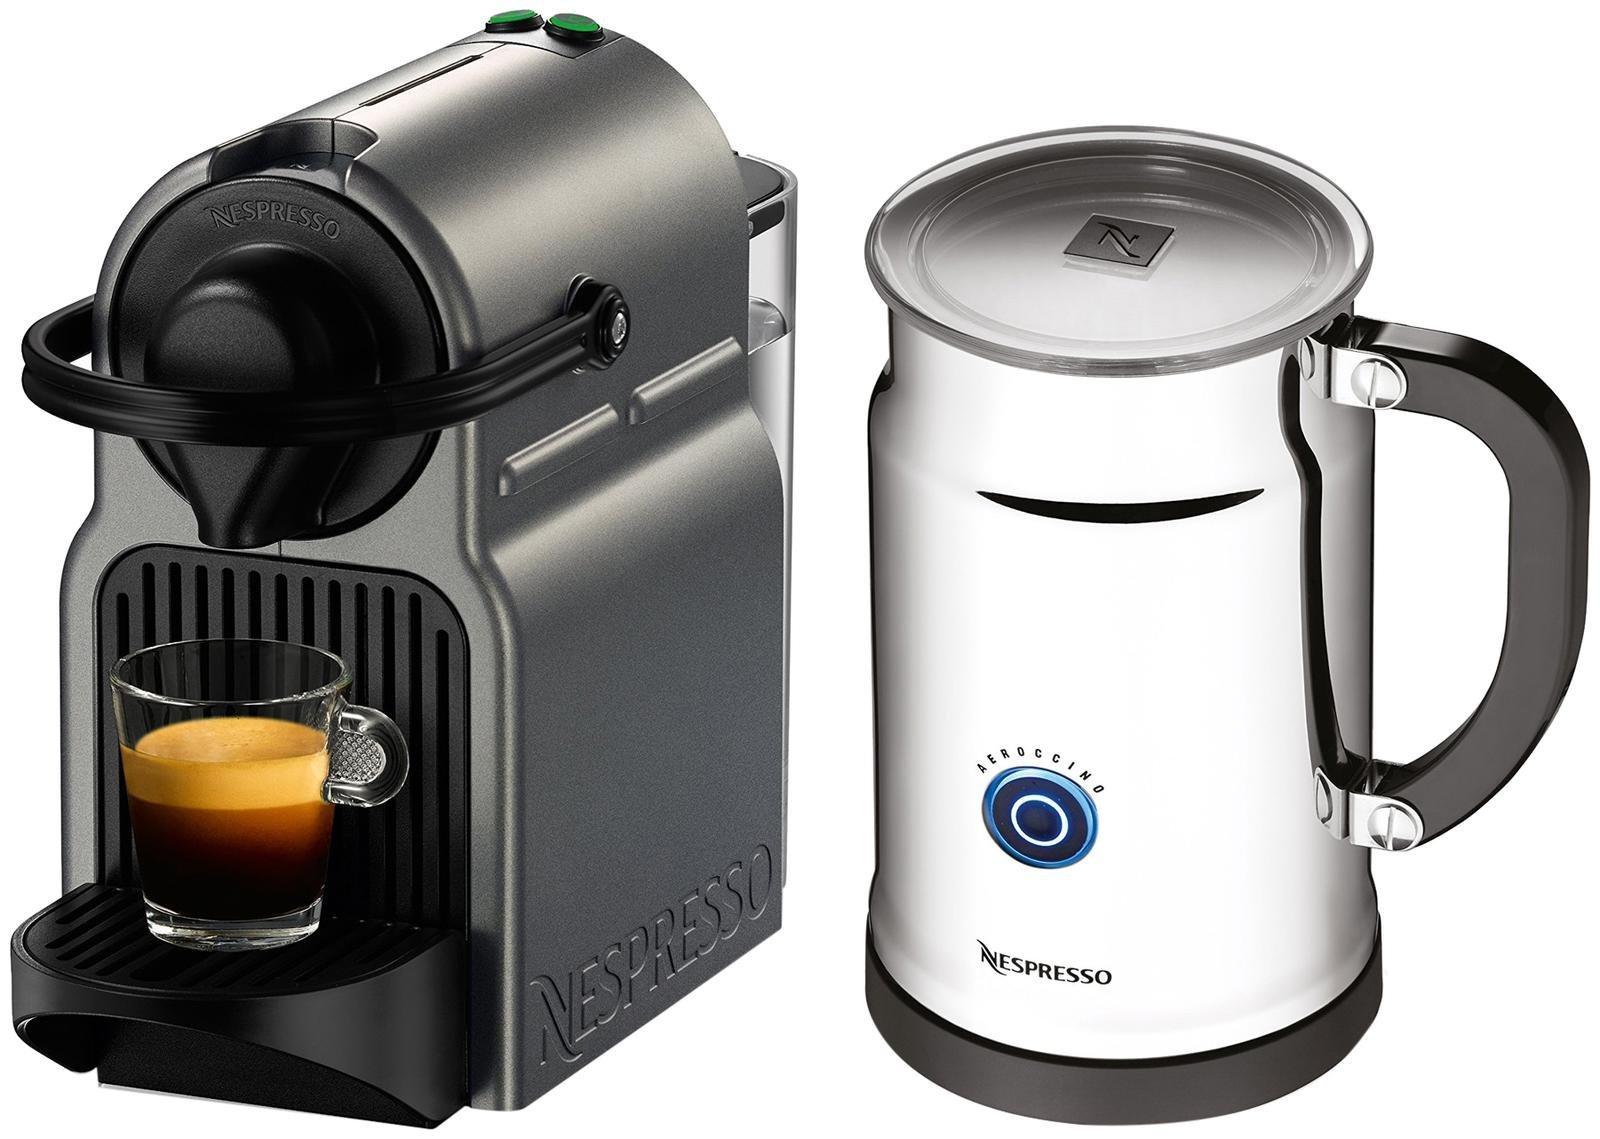 Nespresso A+C40-US-TI-NE Inissia Espresso Maker with Aeroccino Plus Milk Frother, Titan (Discontinued Model) by Breville